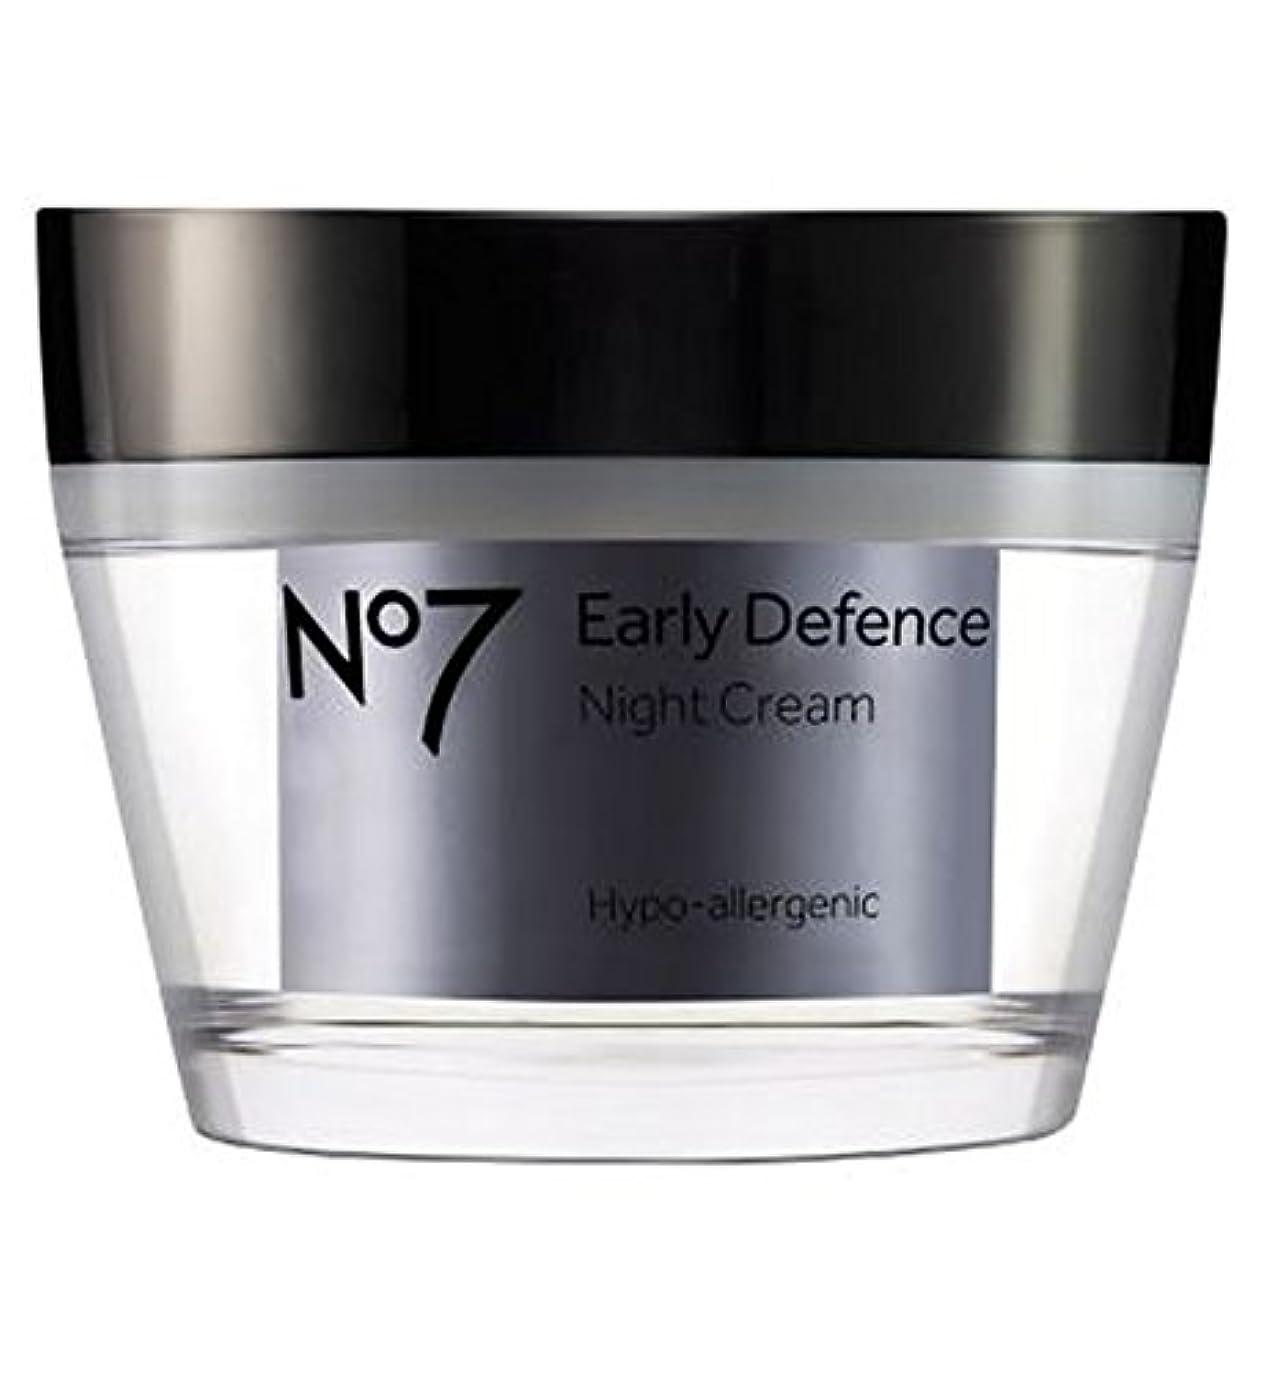 コイン戸棚バンクNo7 Early Defence Night Cream - No7早期防衛ナイトクリーム (No7) [並行輸入品]